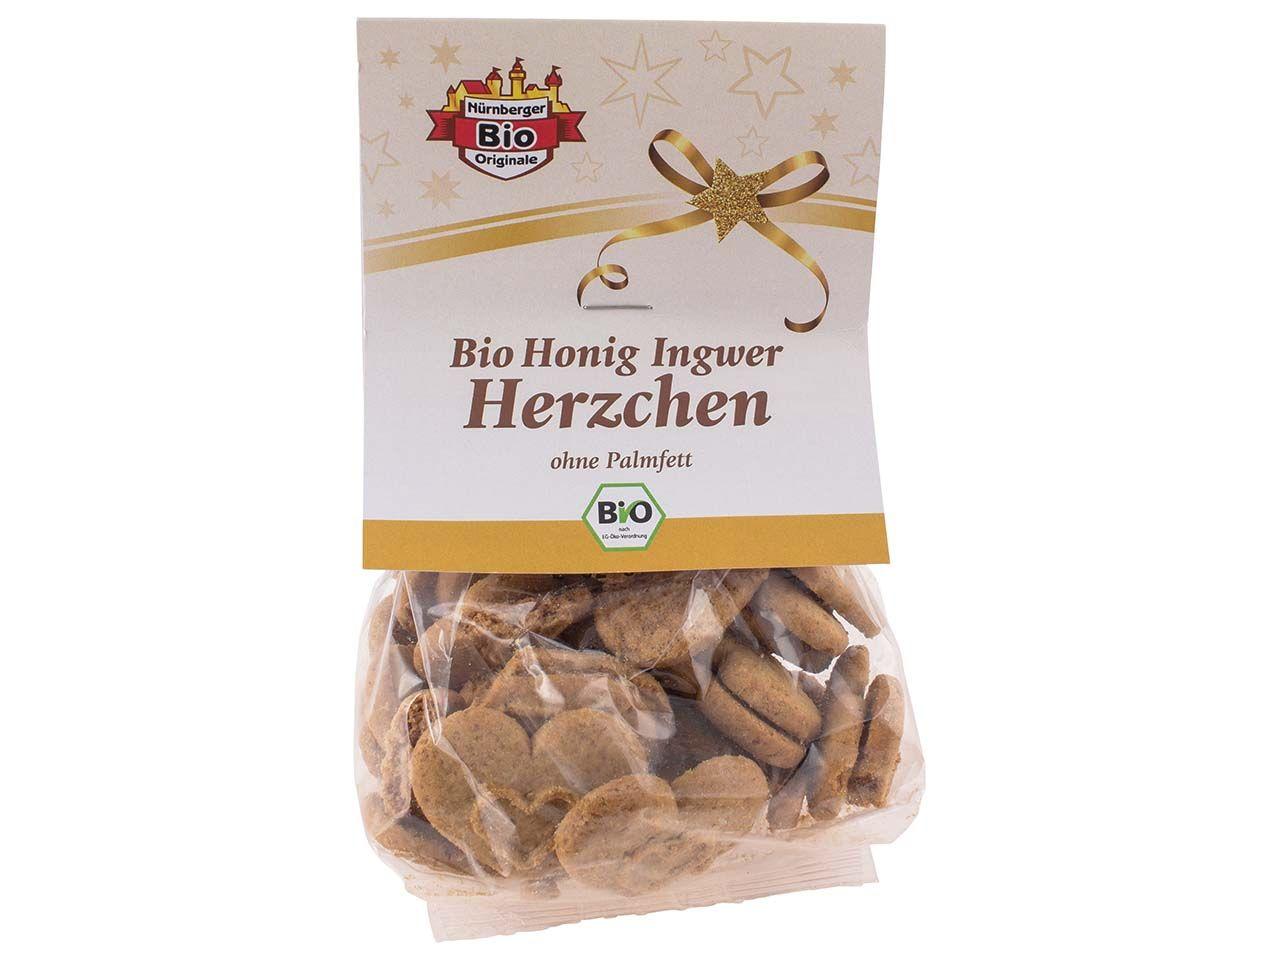 Bio-Honig-Gewürz-Herzen, 100 g 2076